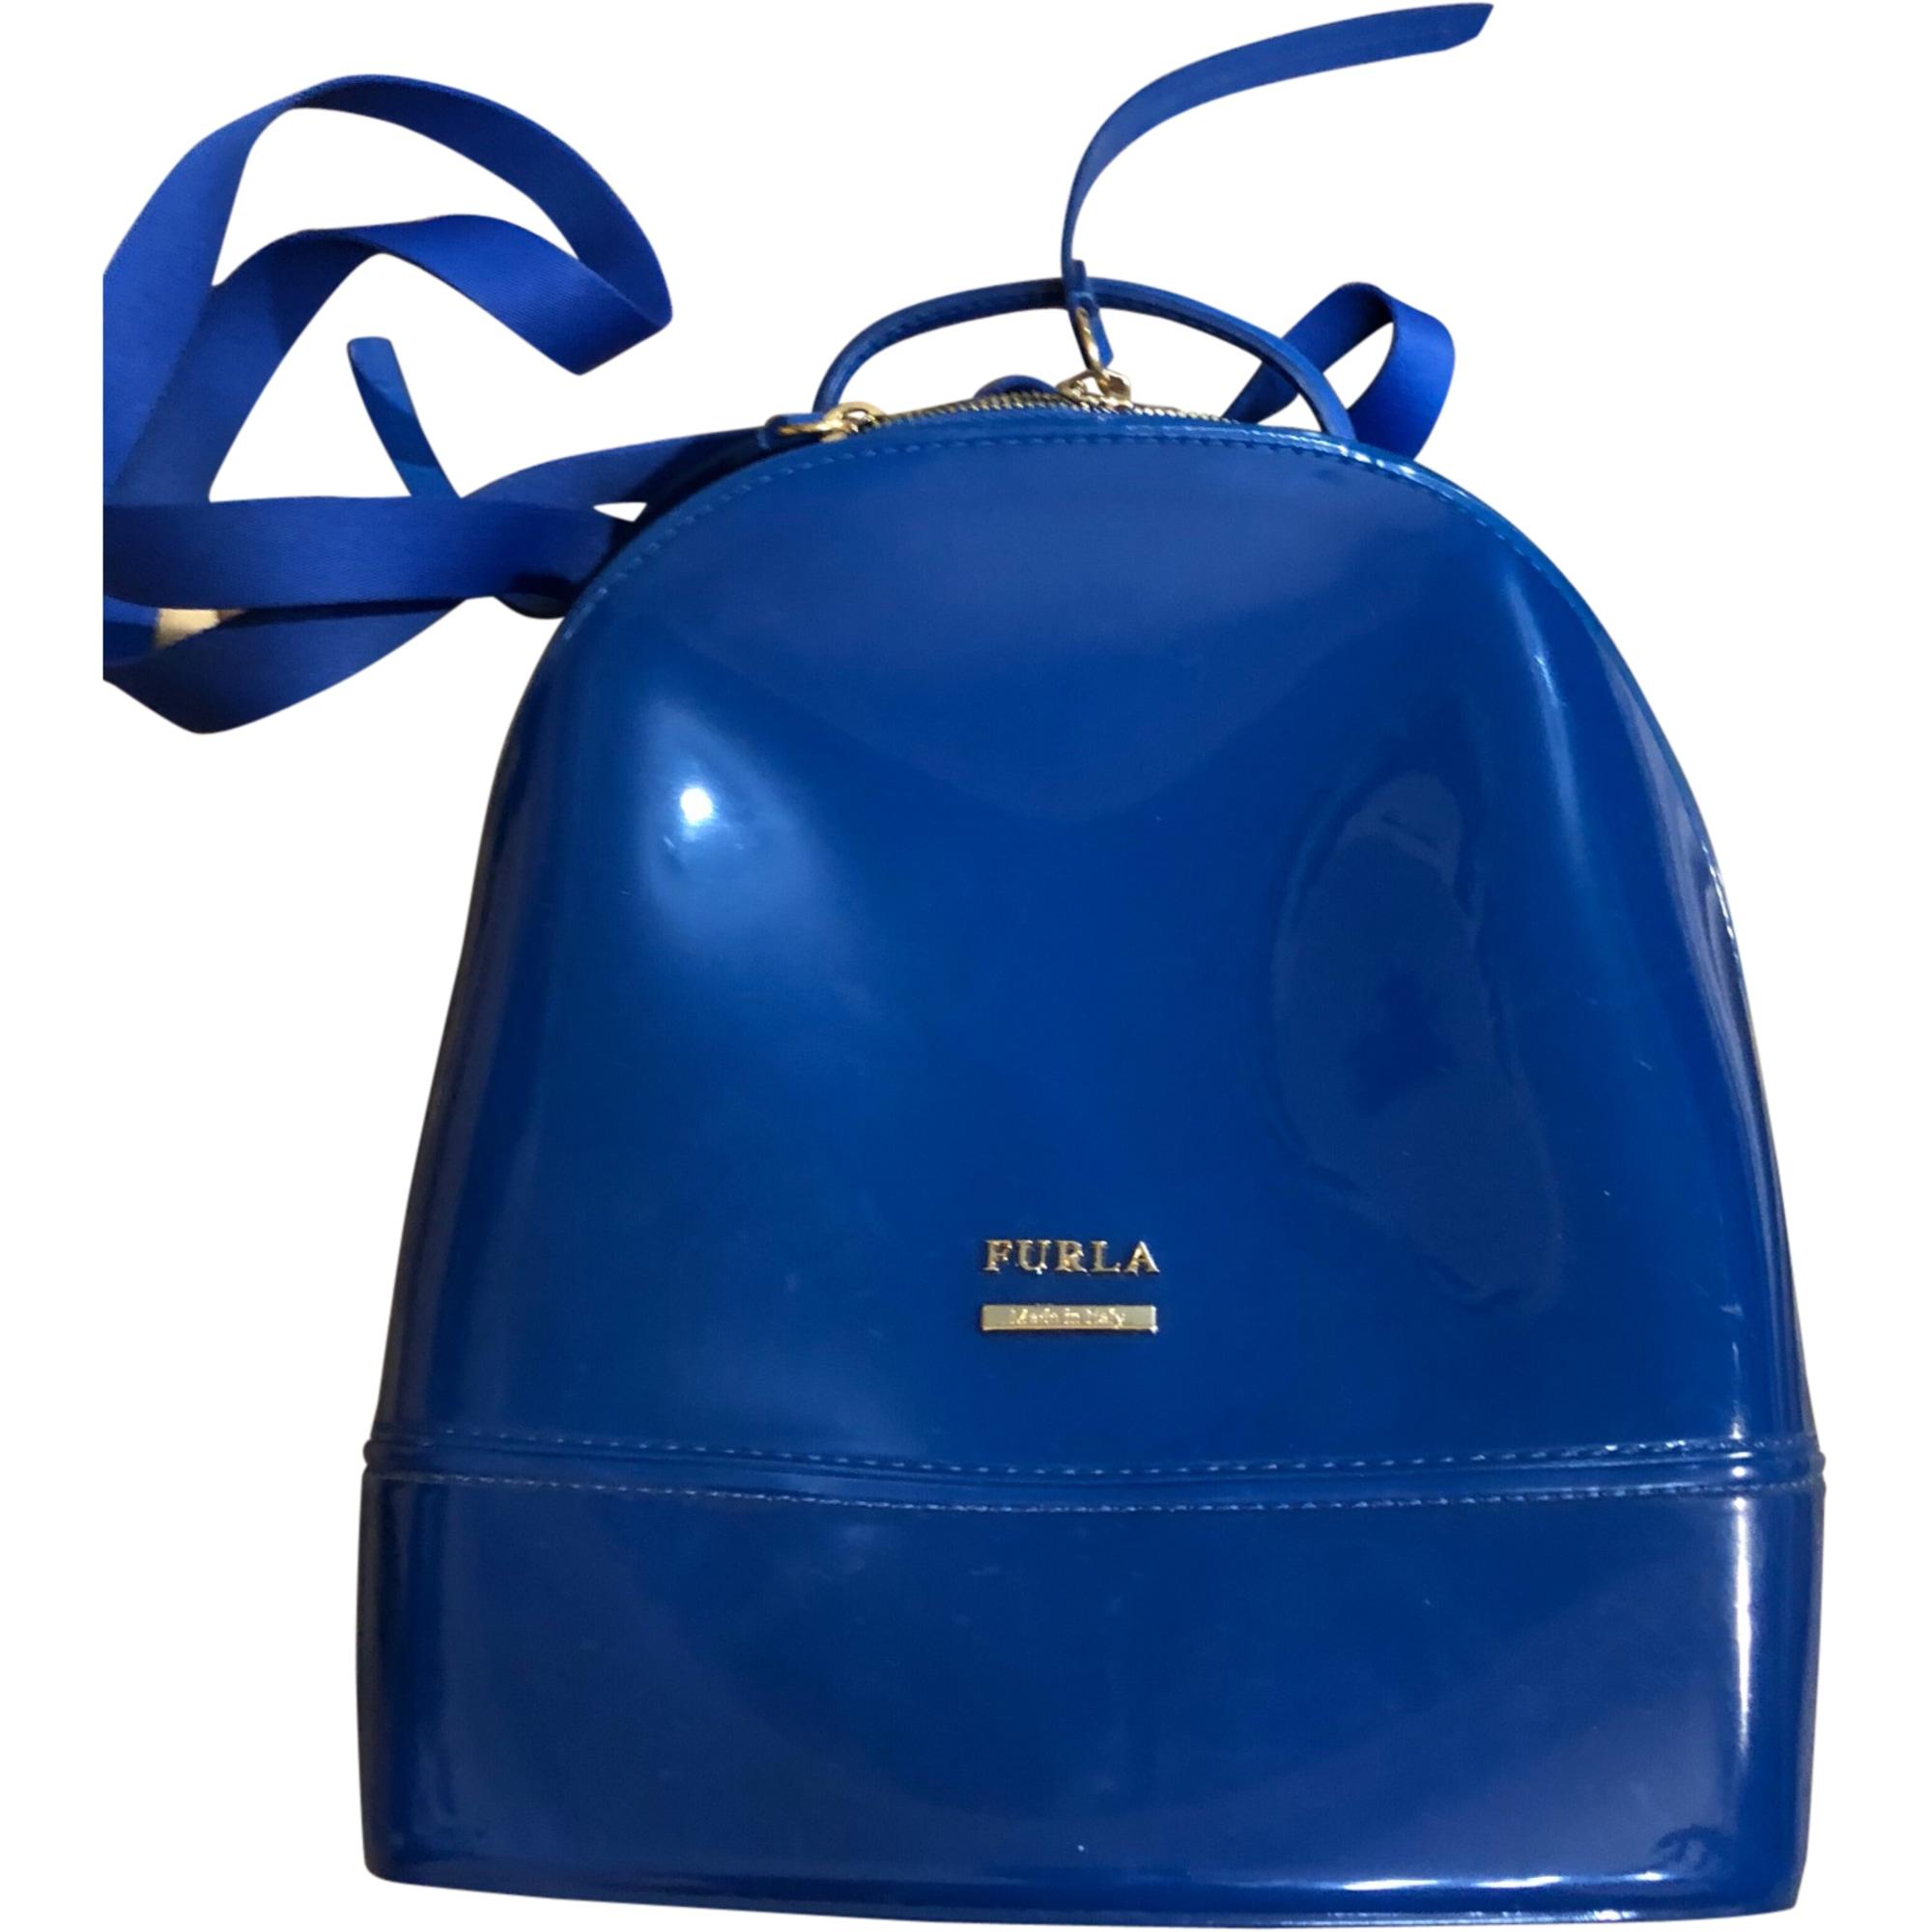 Sac à dos FURLA Bleu, bleu marine, bleu turquoise